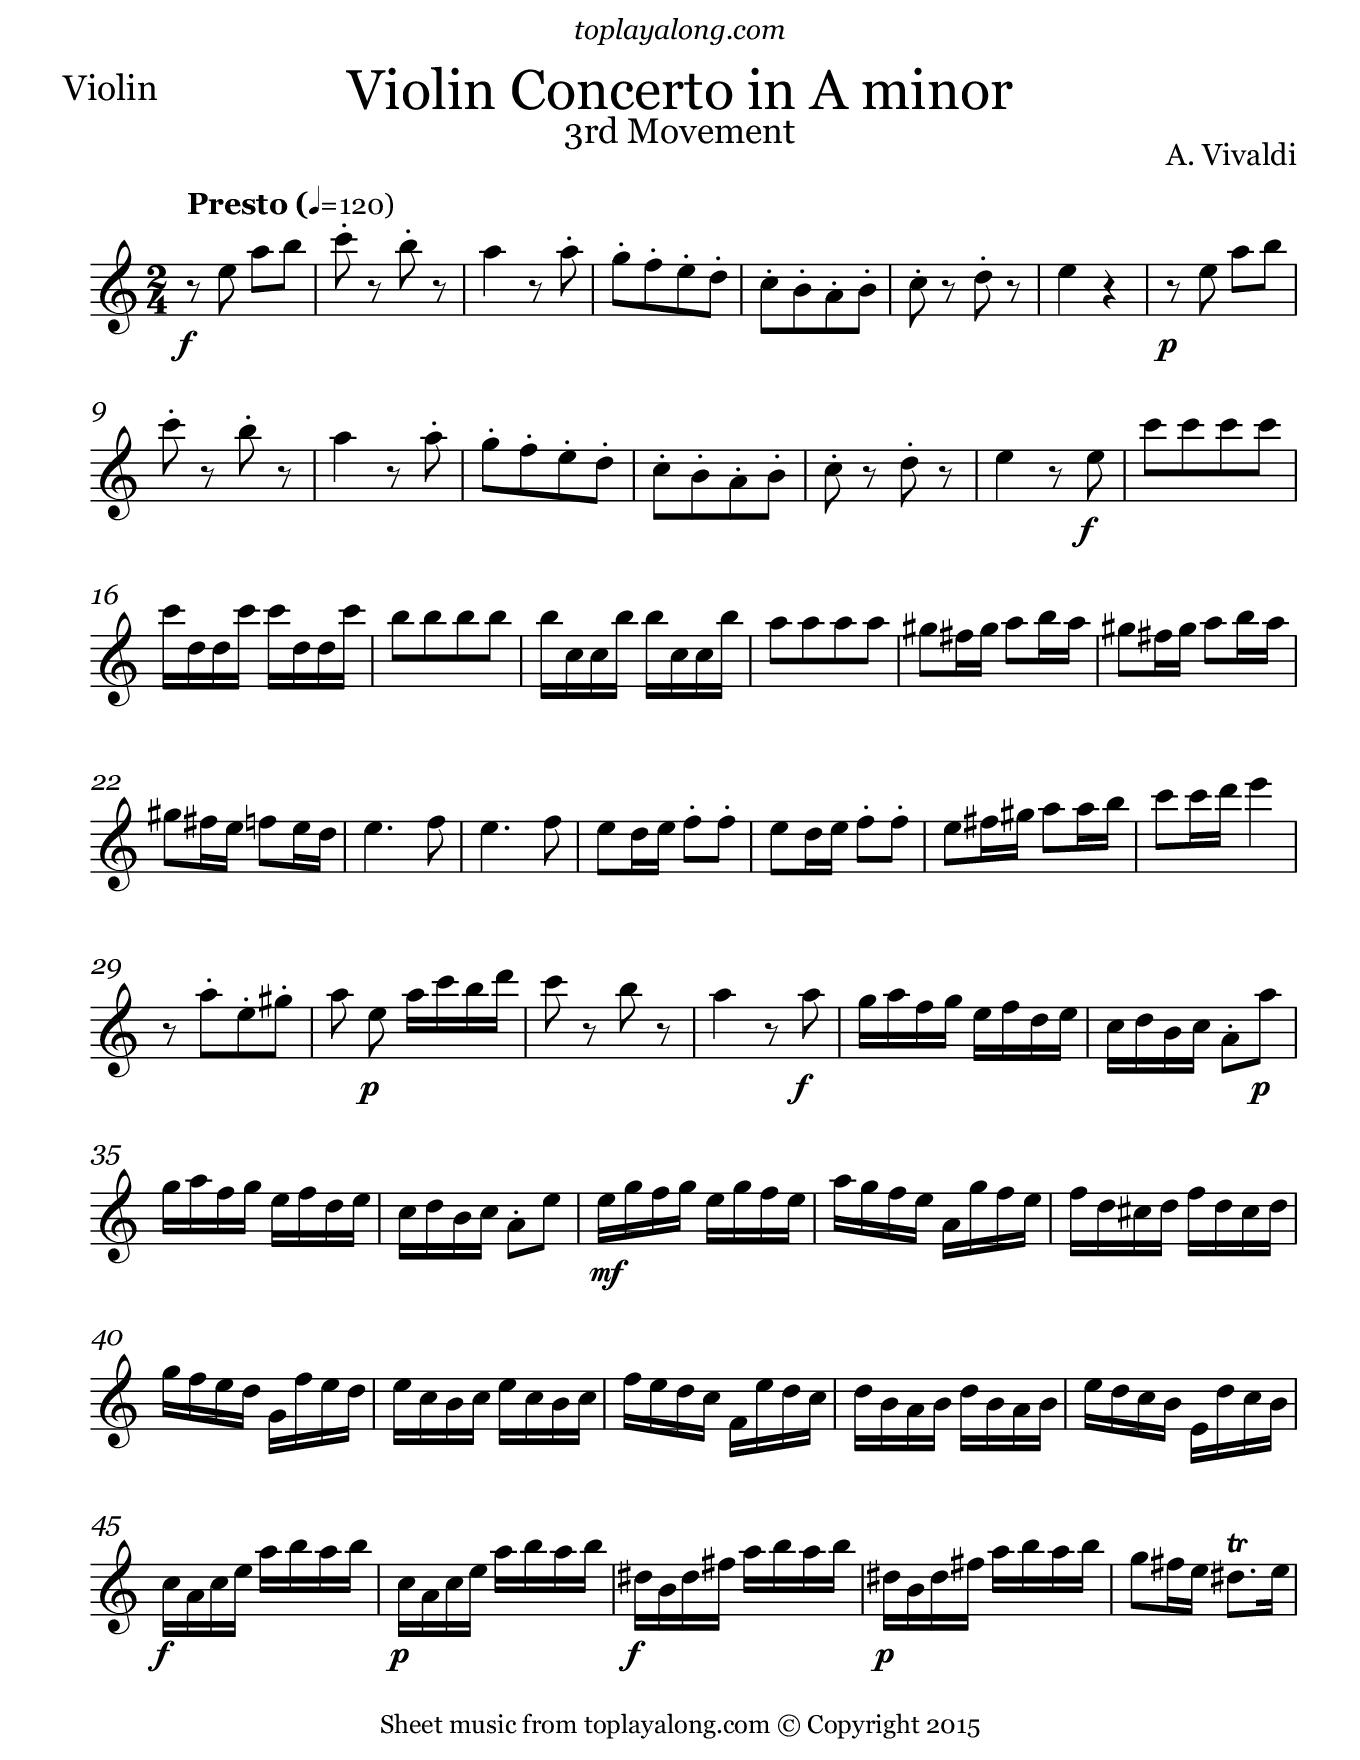 Violin Concerto in E major (Bach) - Wikipedia